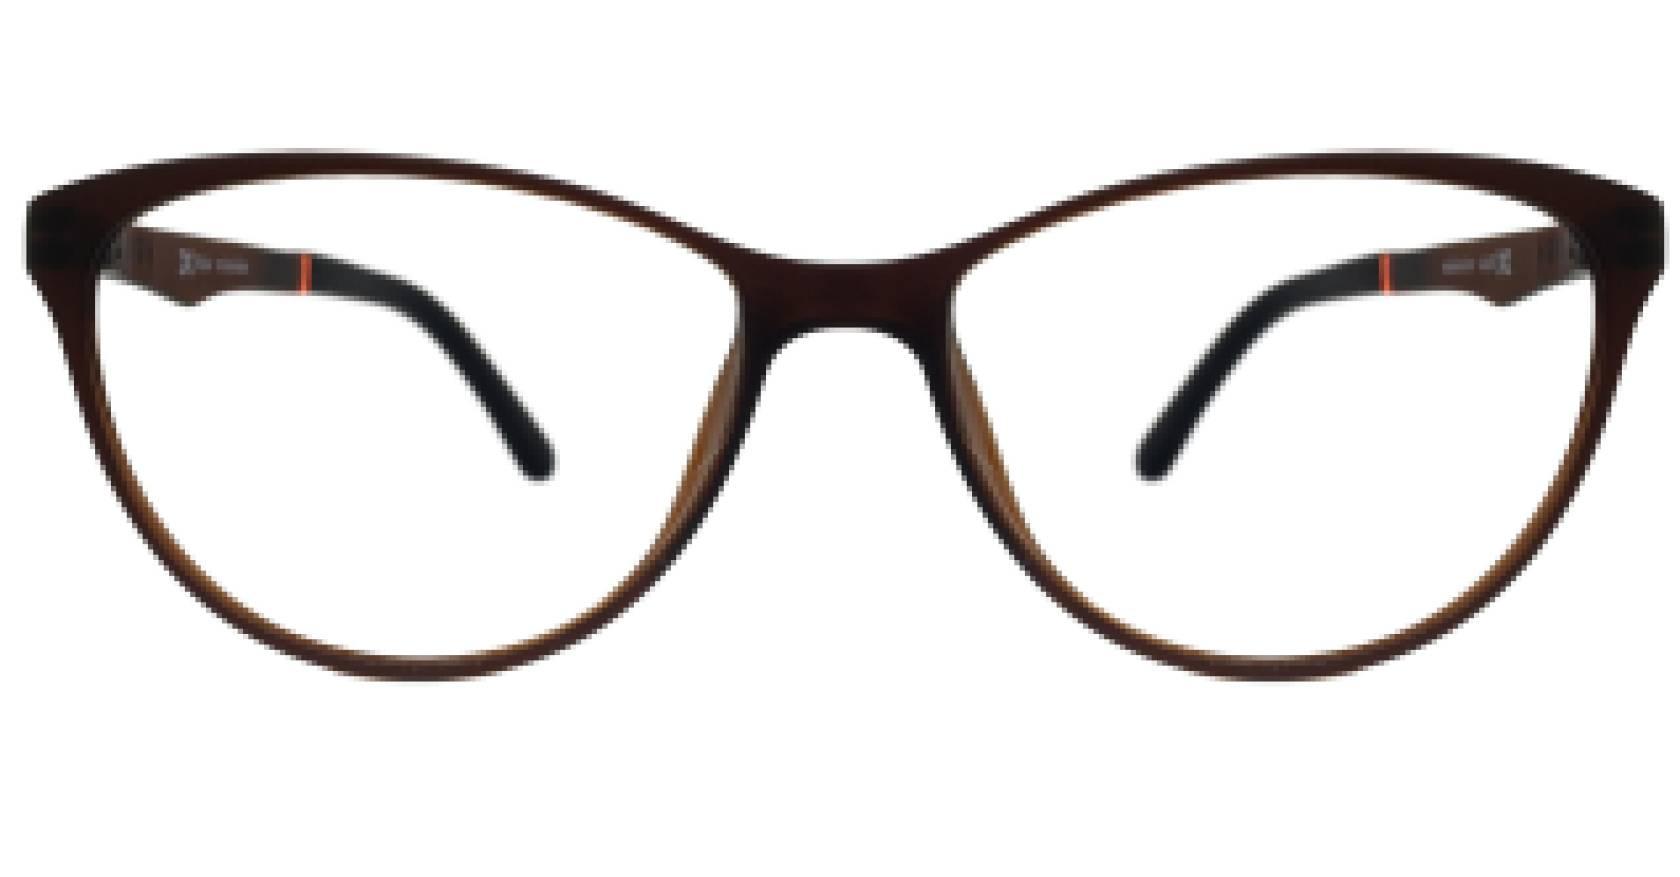 imagen miniatura frontal de la referencia 100964